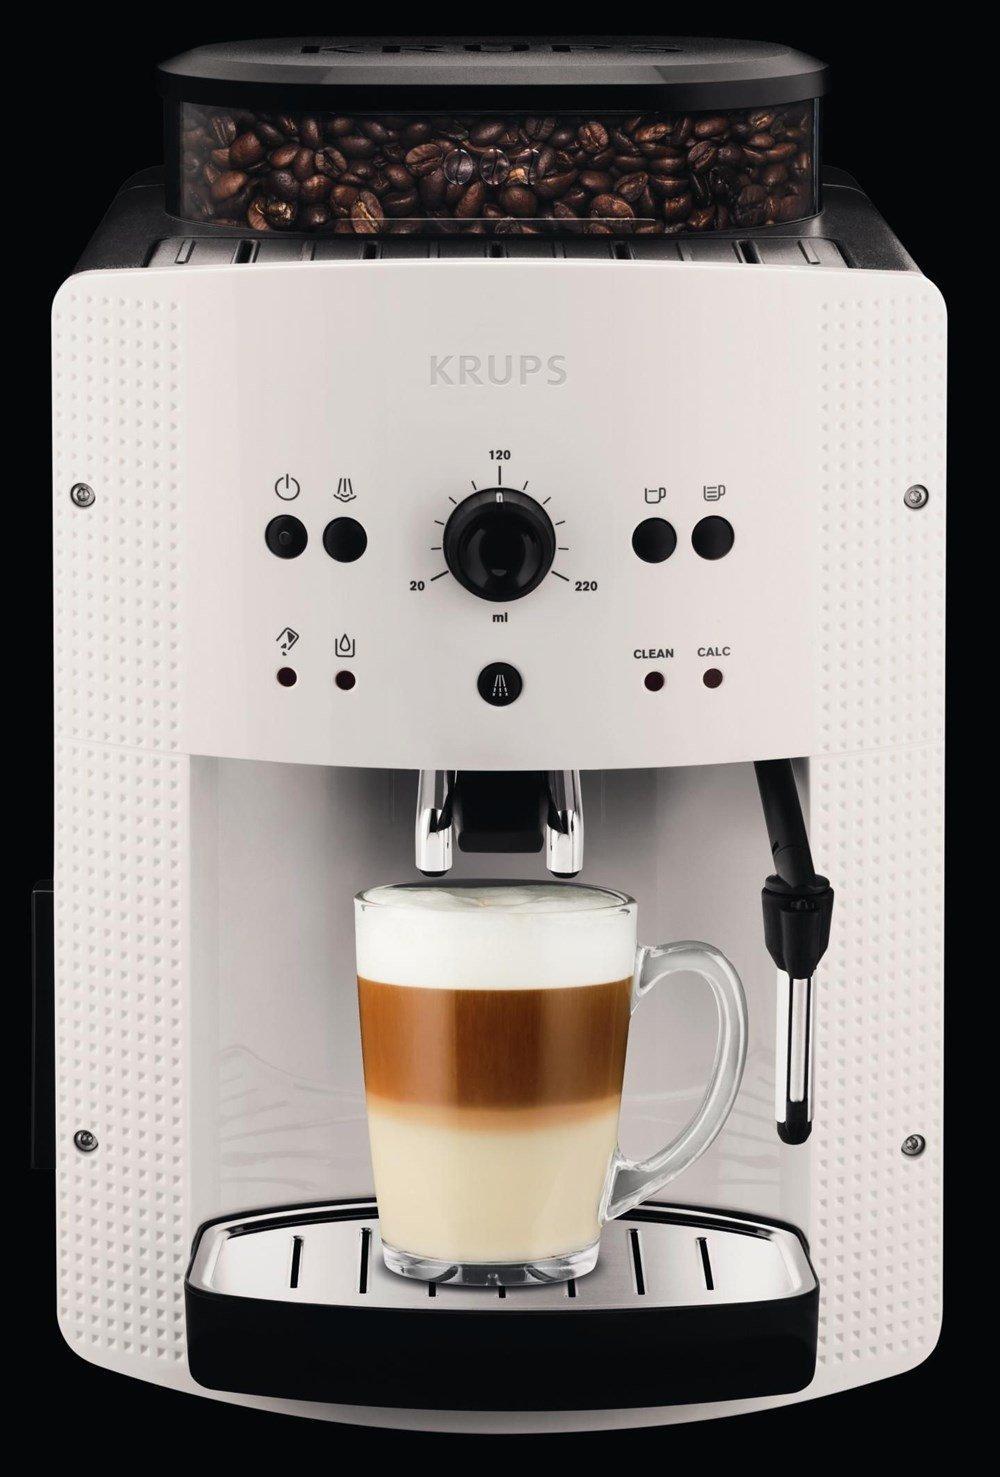 кофеварка крупс